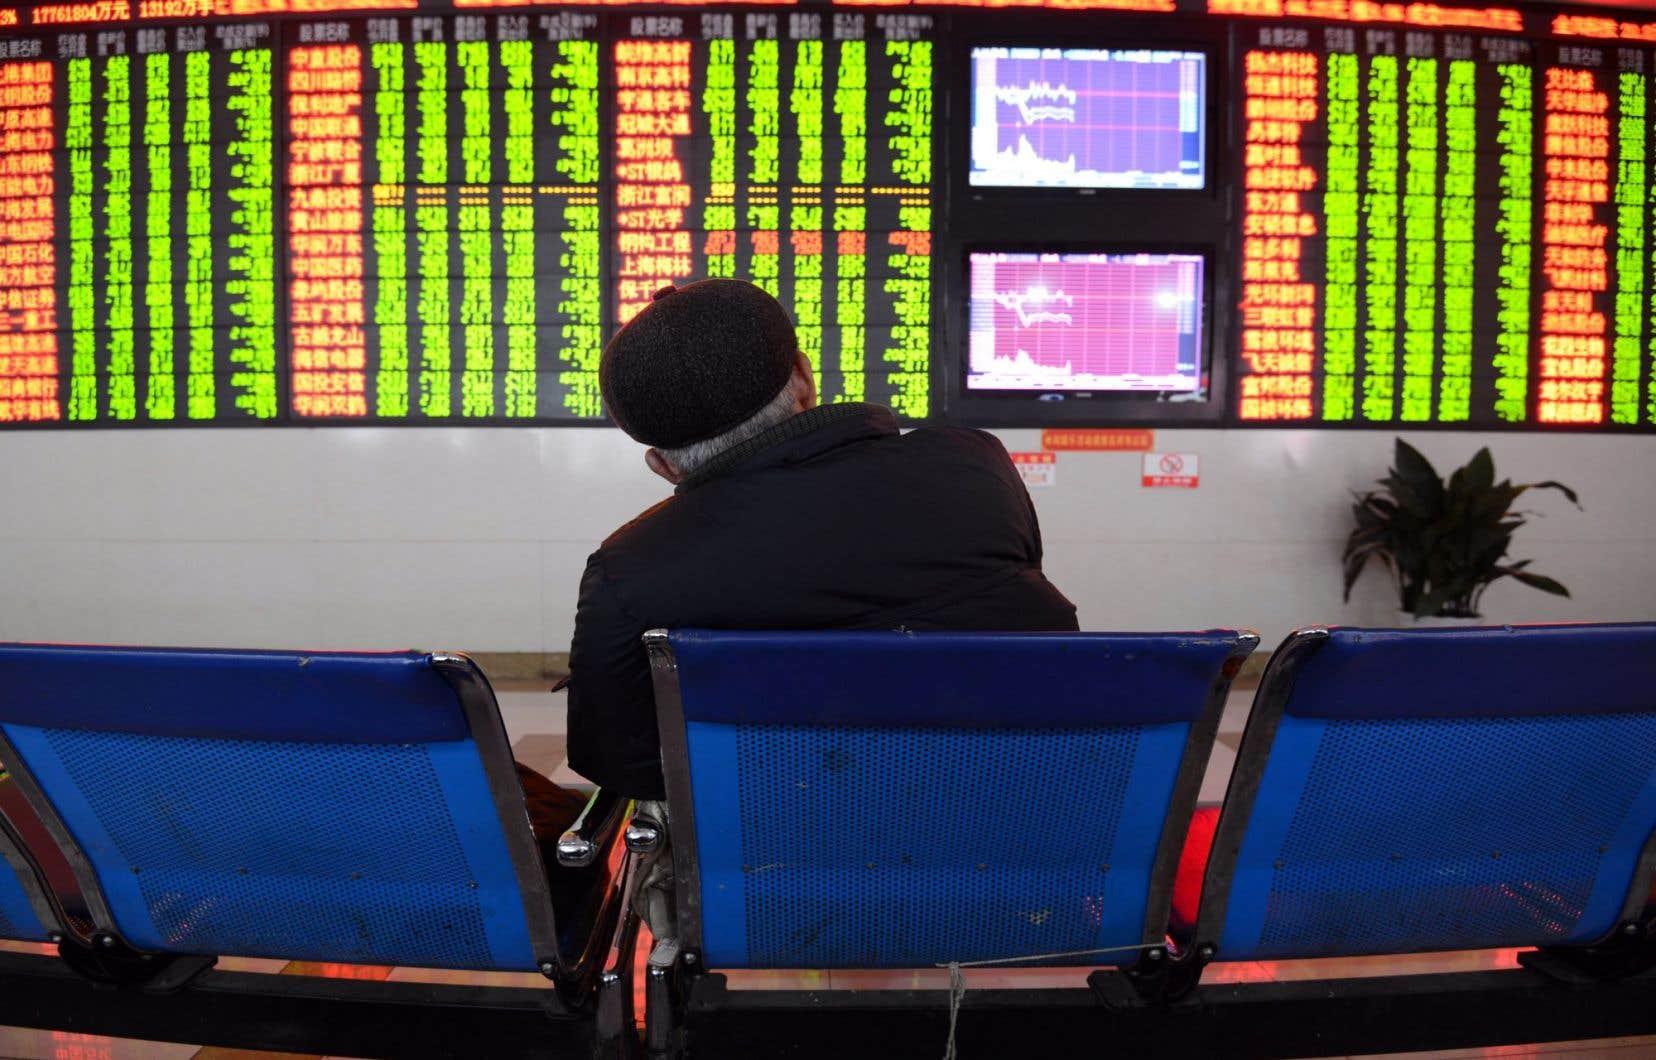 Un investisseur chinois suivait attentivement les cotes boursières cette semaine.